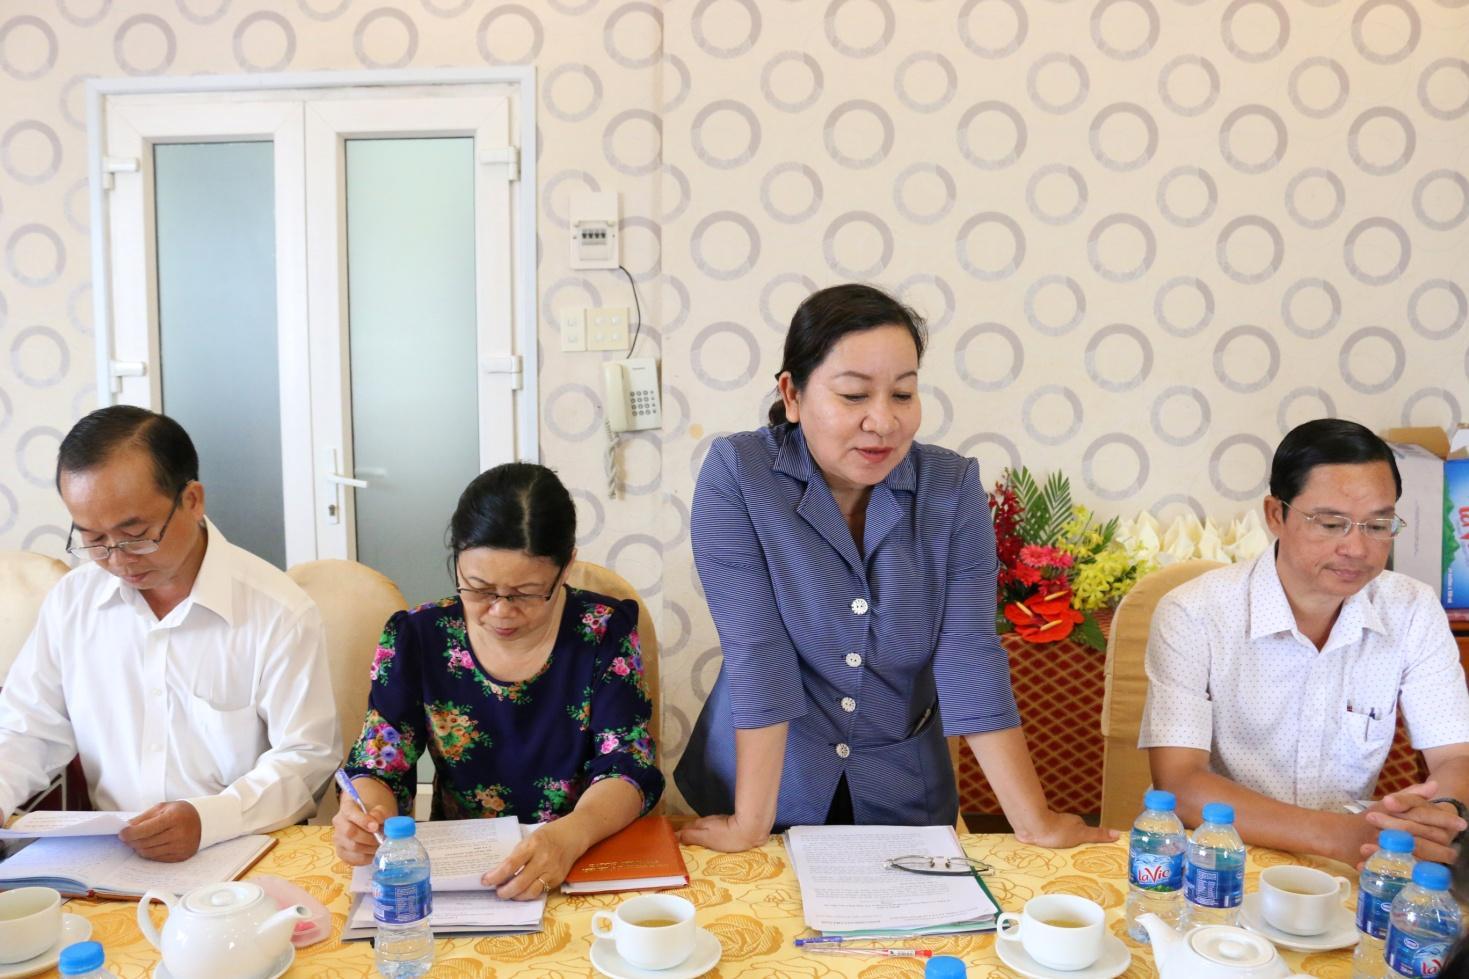 3. Đồng chí Bành Thị Kim Khánh – Ủy viên thường vụ, Chủ nhiệm UBKT Đảng uỷ Khối doanh nghiệp tỉnh An Giang phát biểu tại buổi họp.JPG